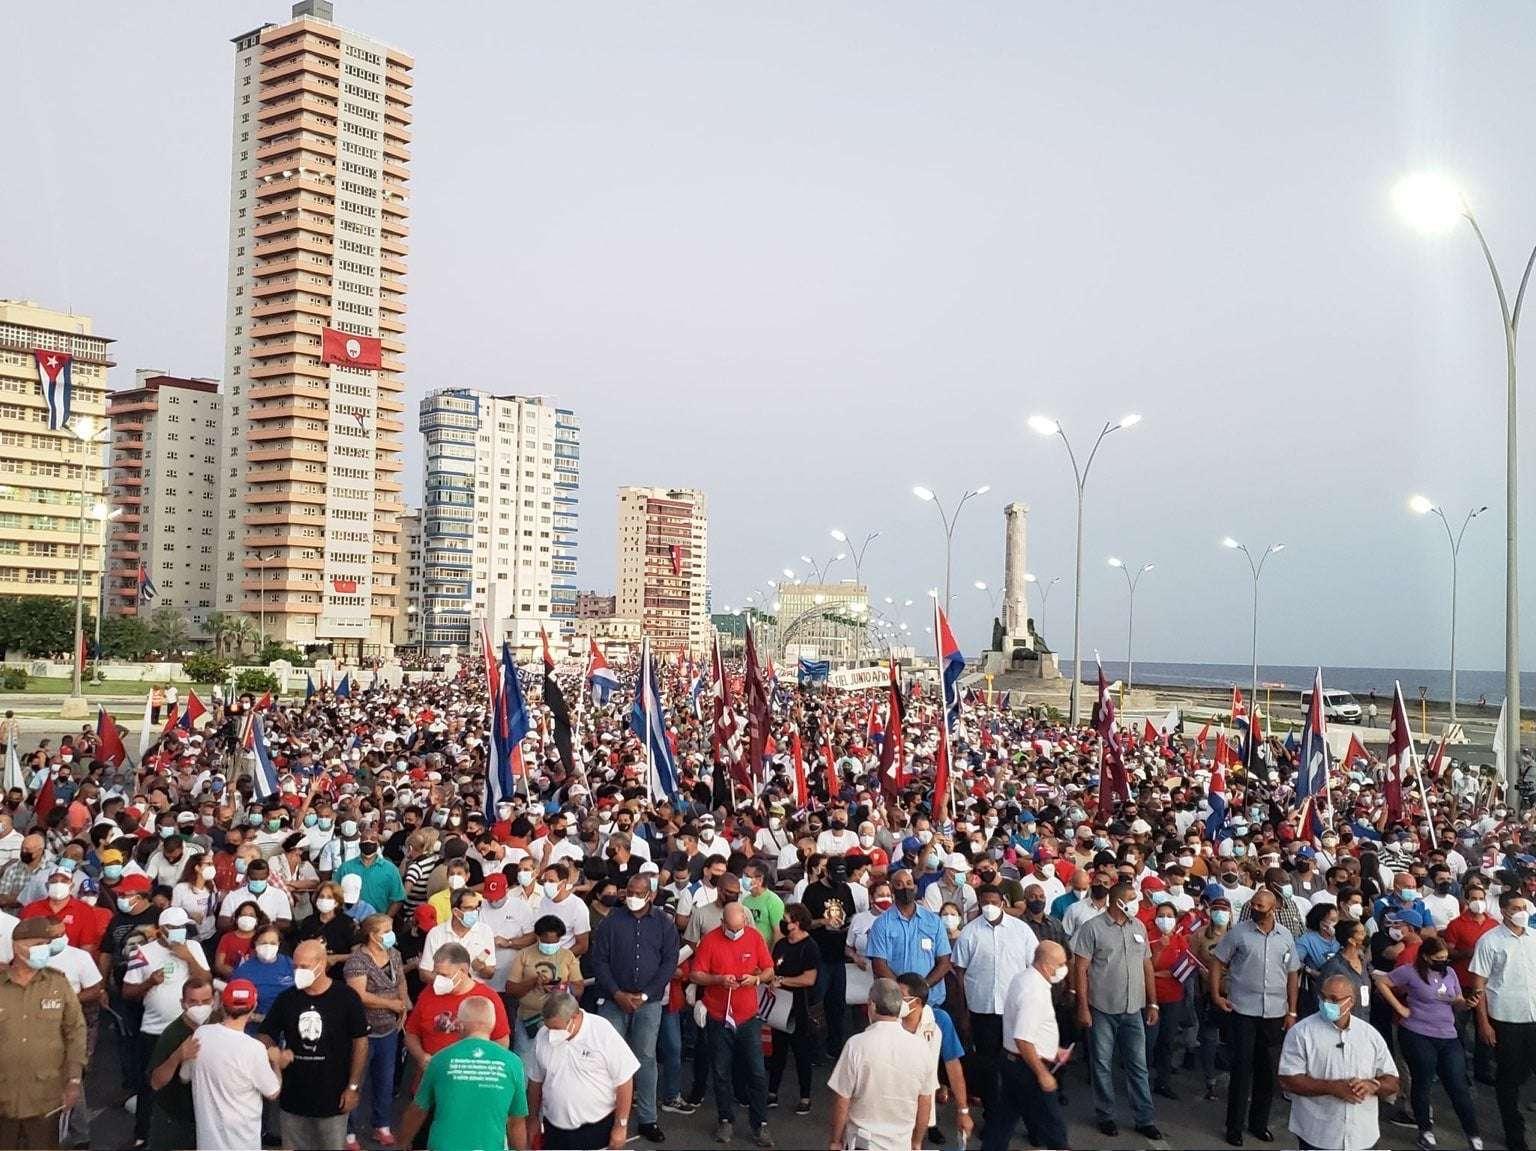 Κούβα: Αυτά δε θα τα δείτε στα διεθνή μέσα ενημέρωσης